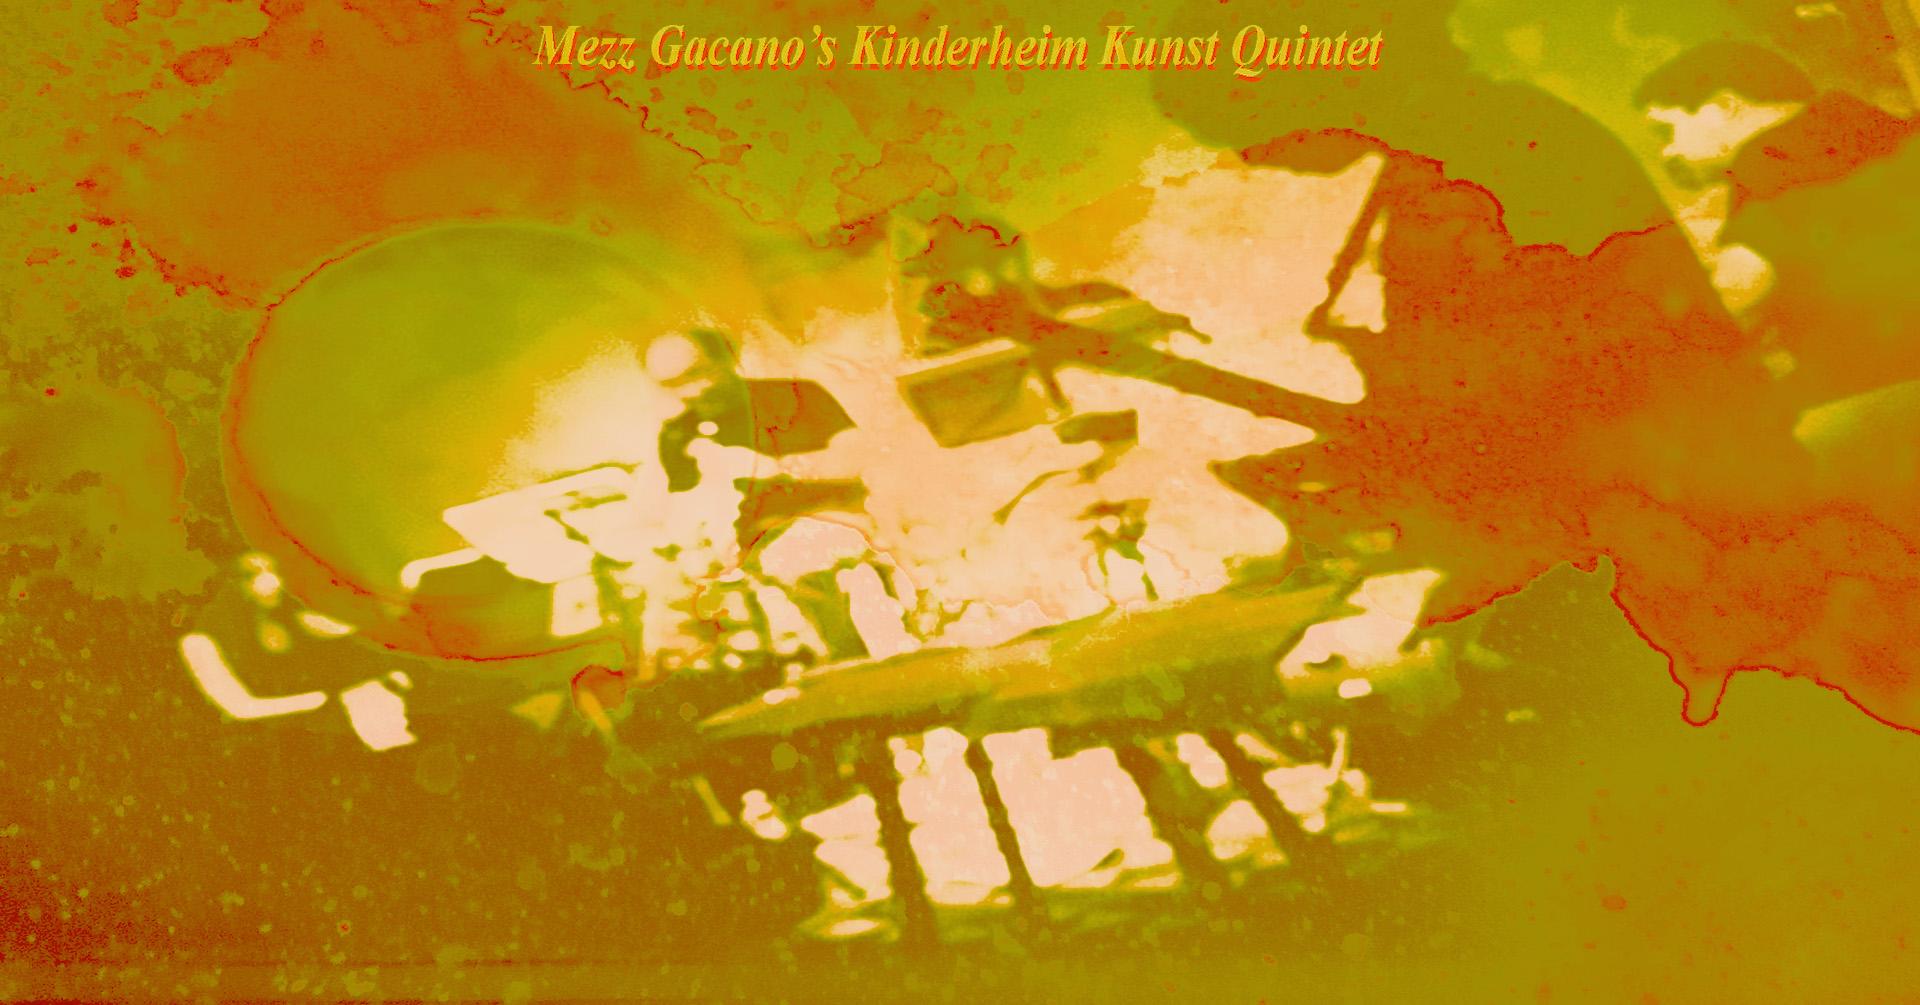 Mezz gacano's Kinderheim Kunst Quintet #Fabbrica102live